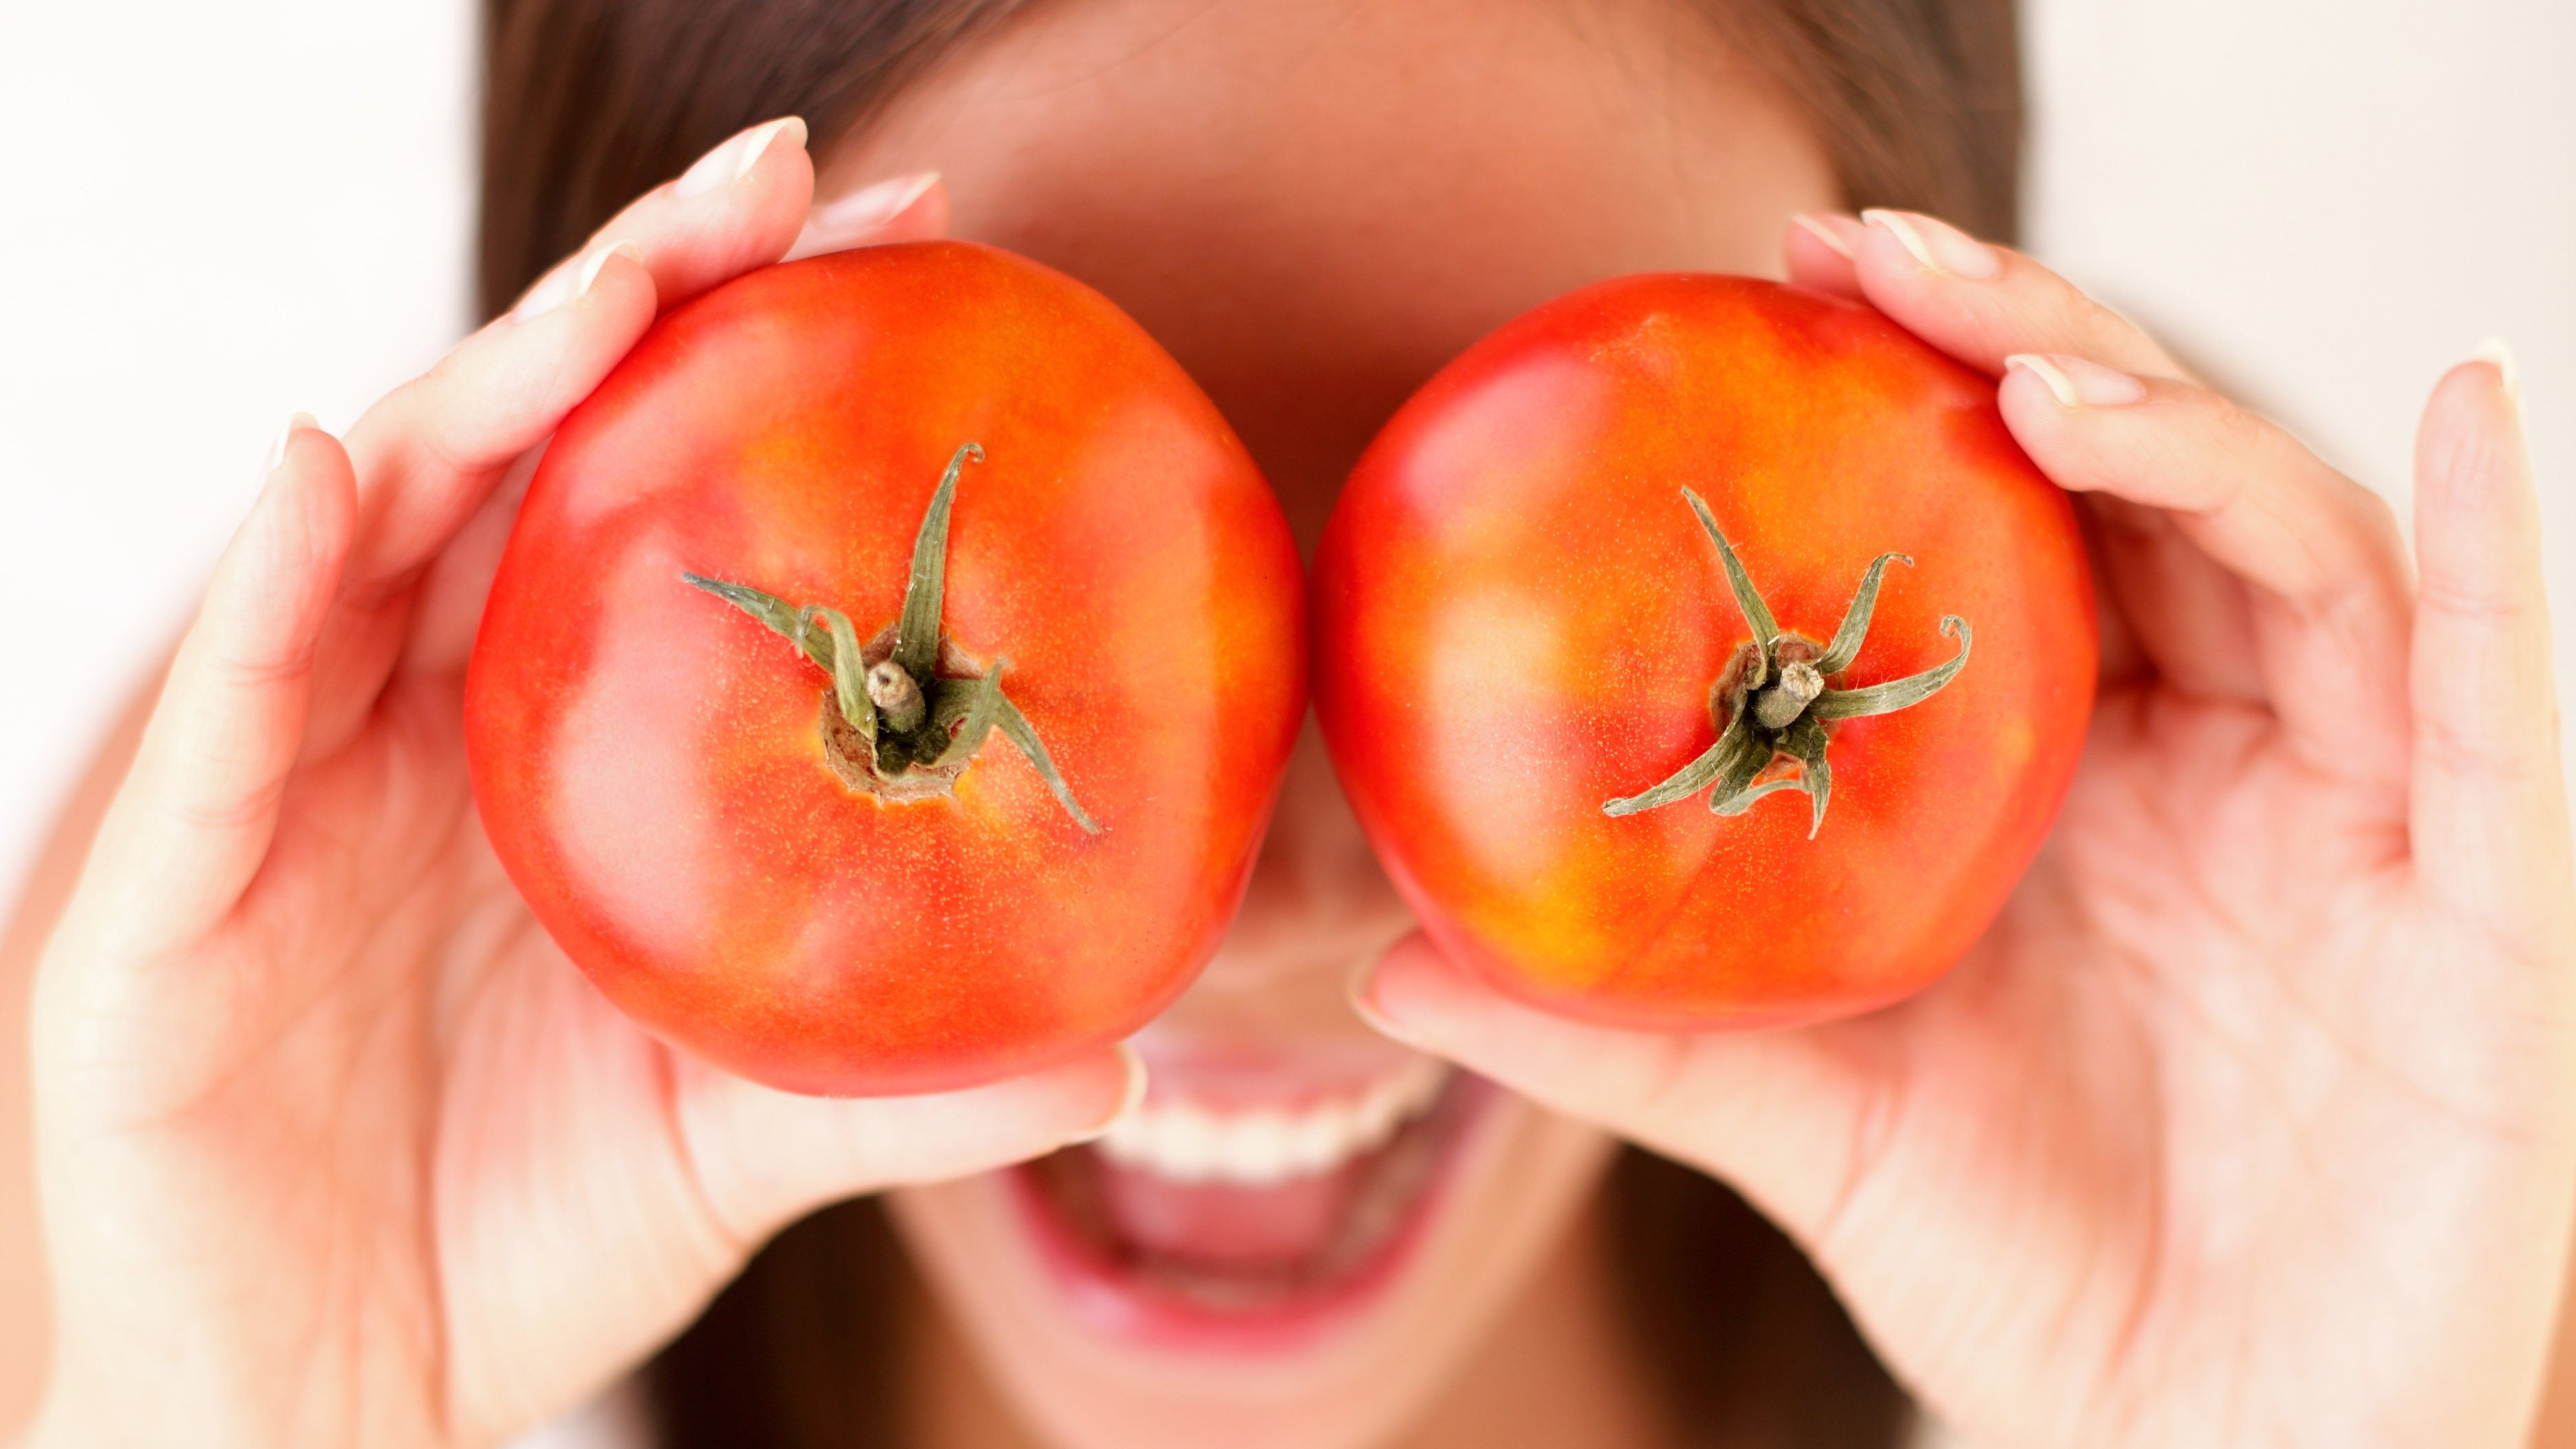 Фото на тему: Диета на помидорах. Отзывы и результаты